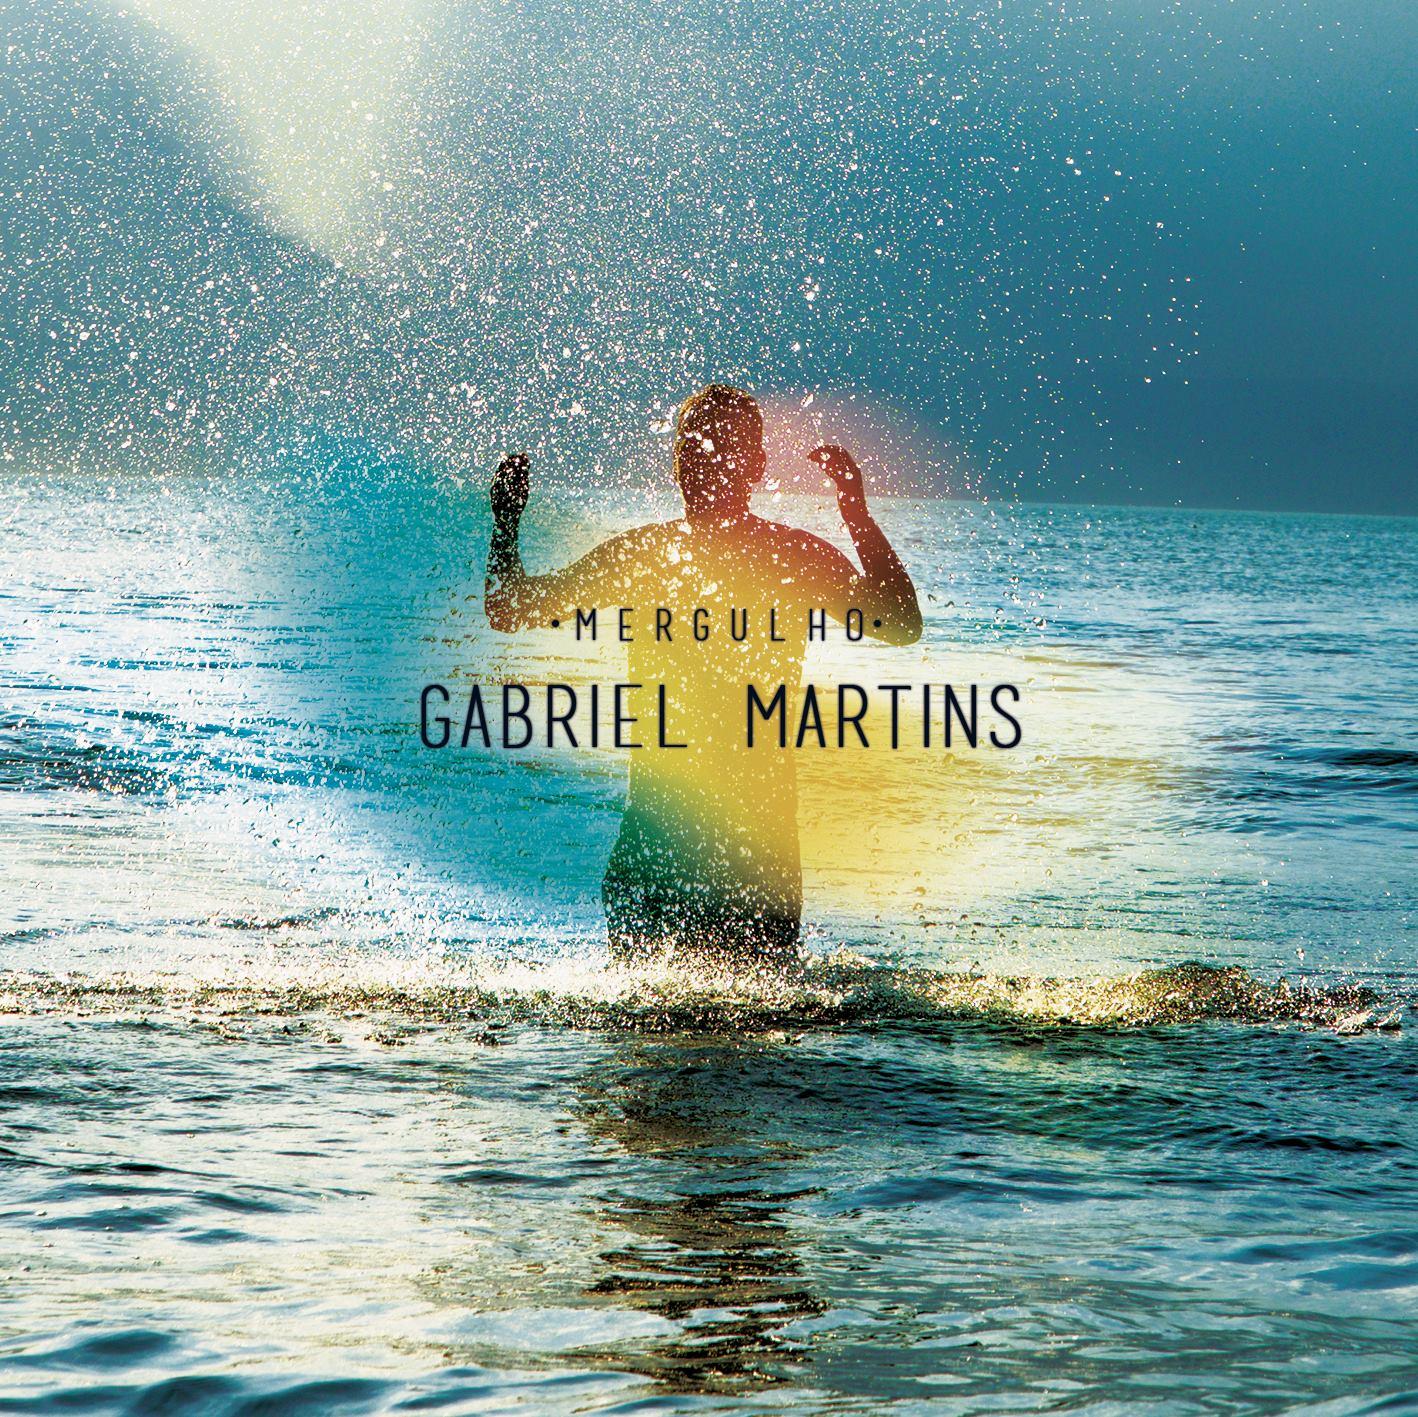 Mergulho - Album de Gabriel Martins